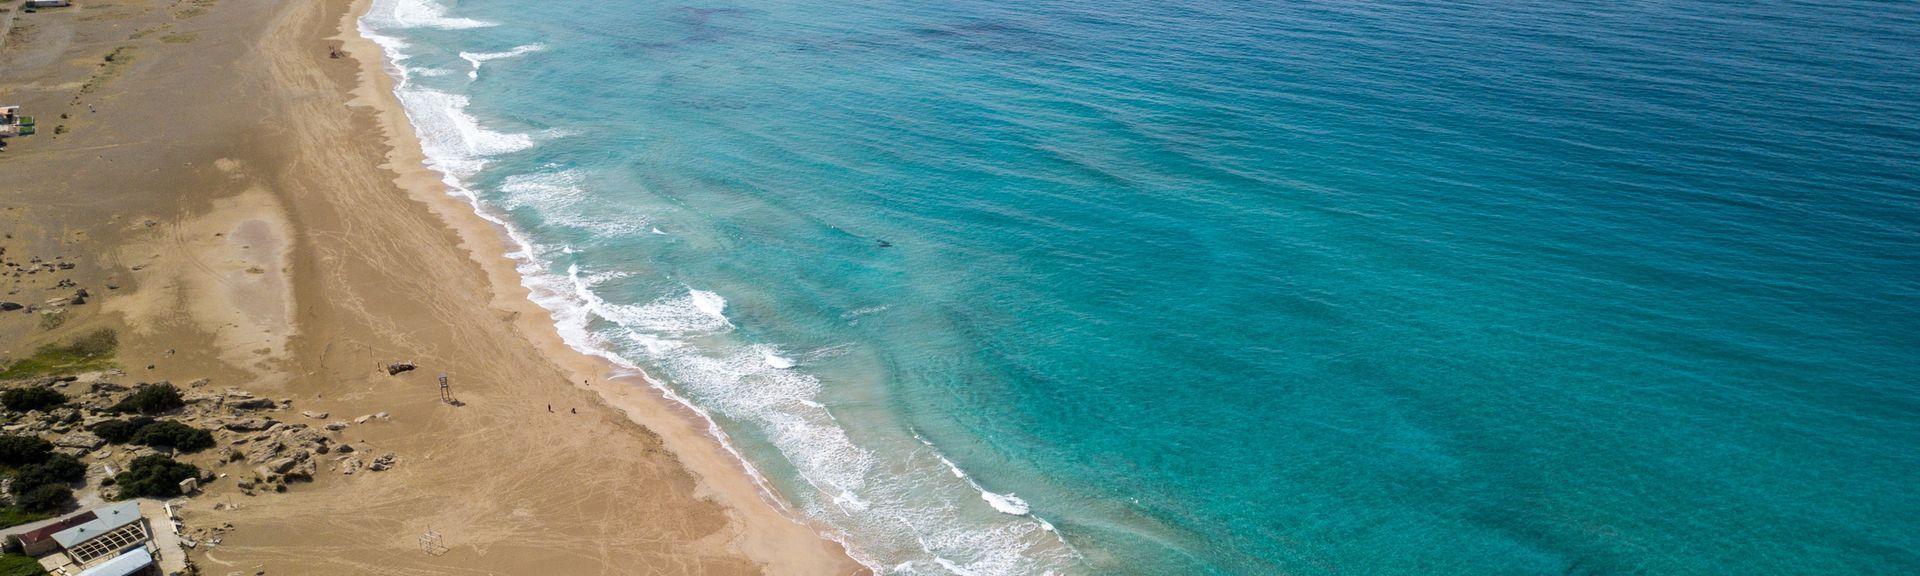 Playa de Elafonisi, Isla de Creta, Grecia